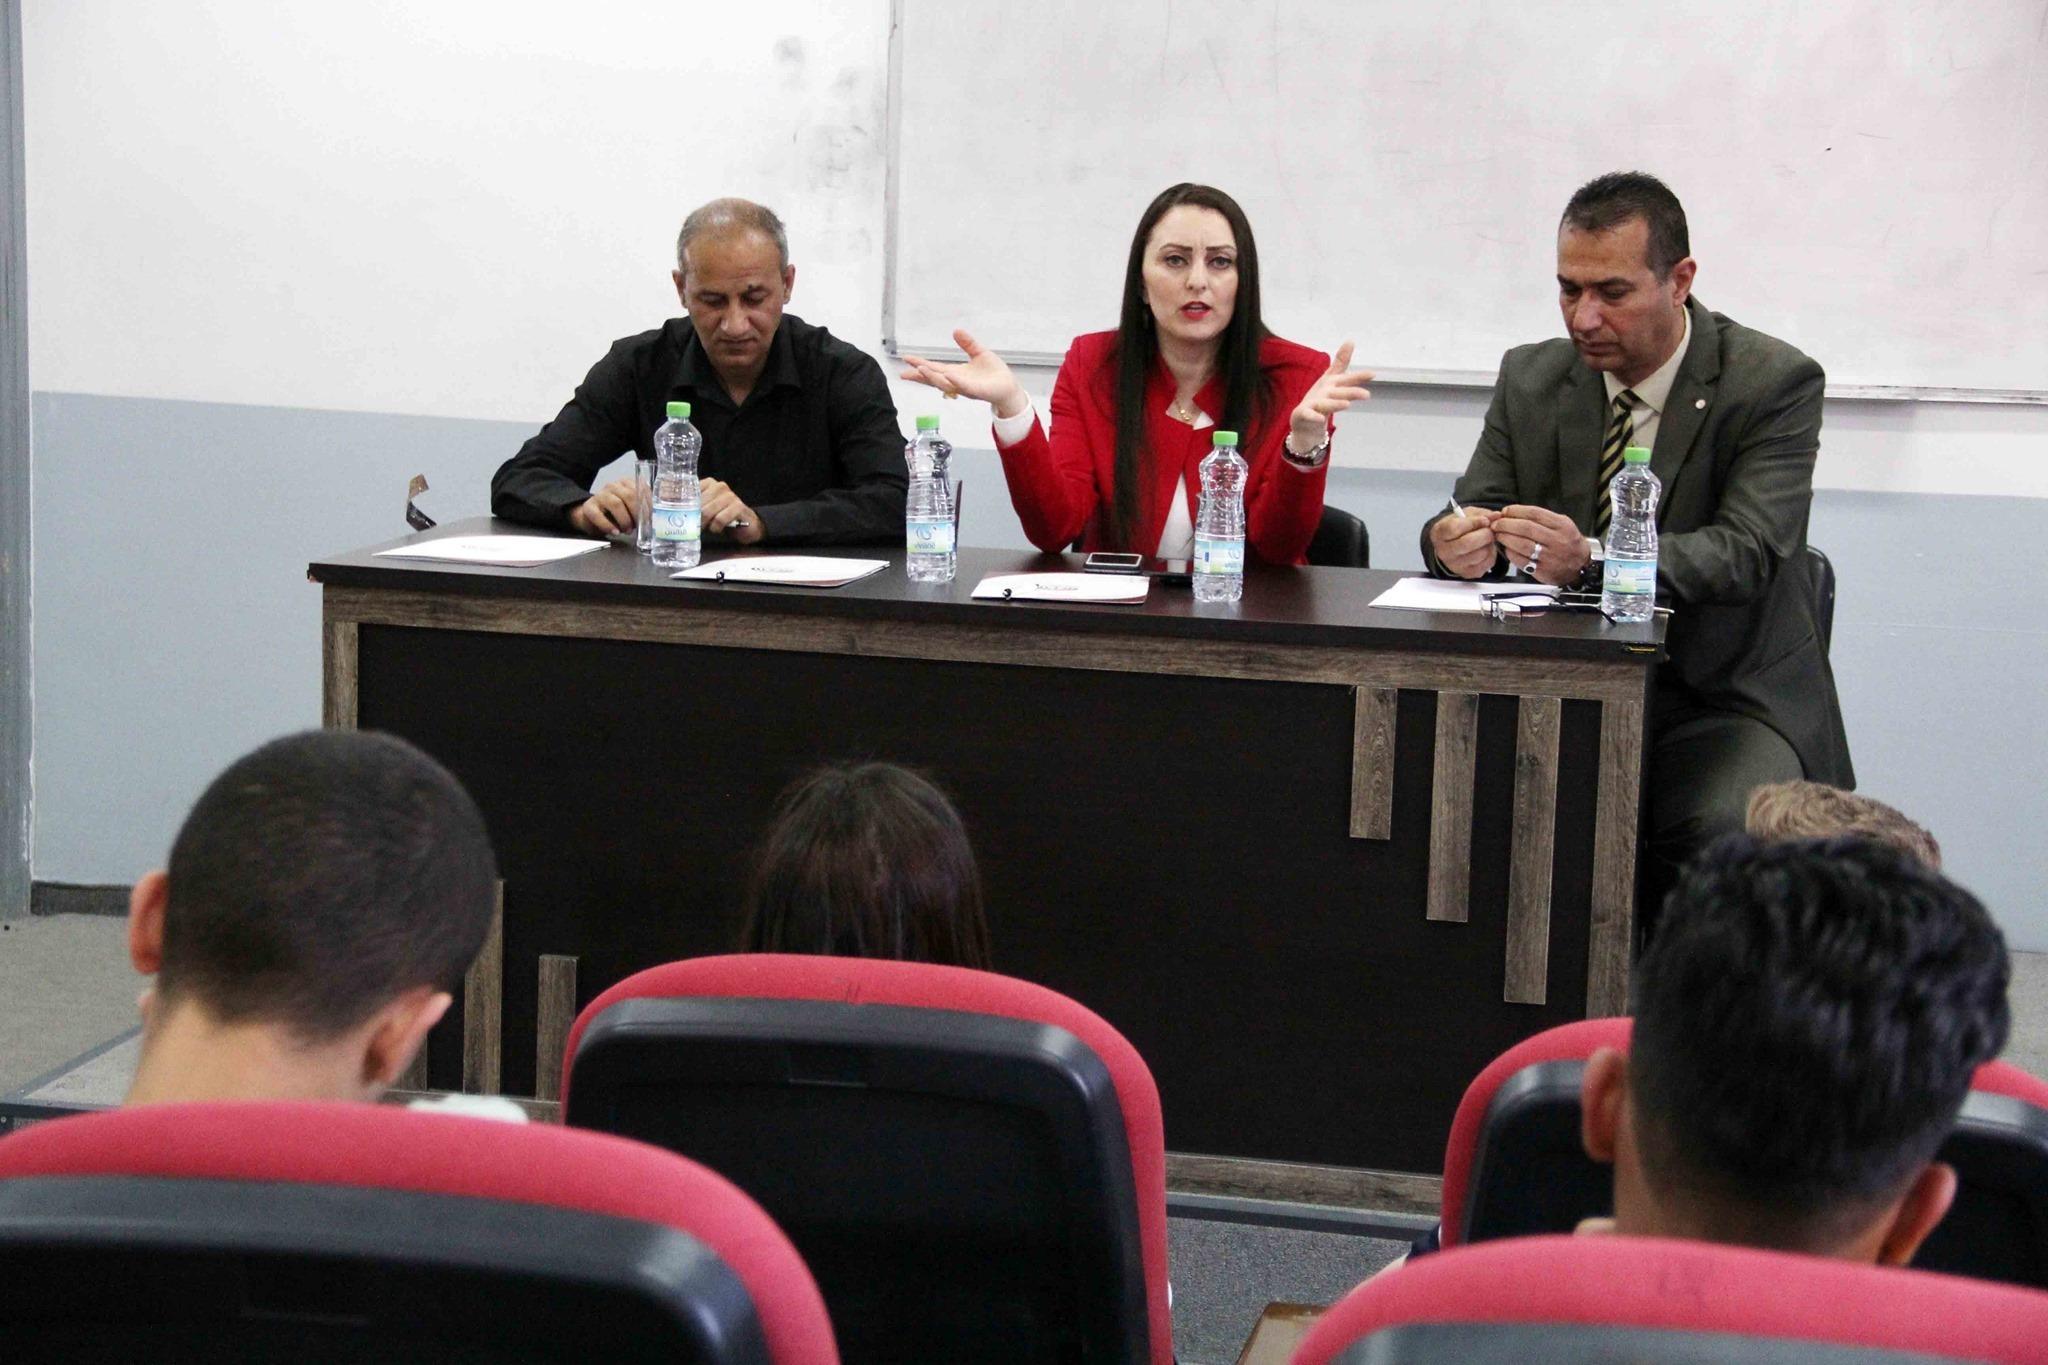 """جامعة فلسطين الأهلية تنظم ندوة بعنوان """"اخلاقيات المهنة والفساد في فلسطين"""""""